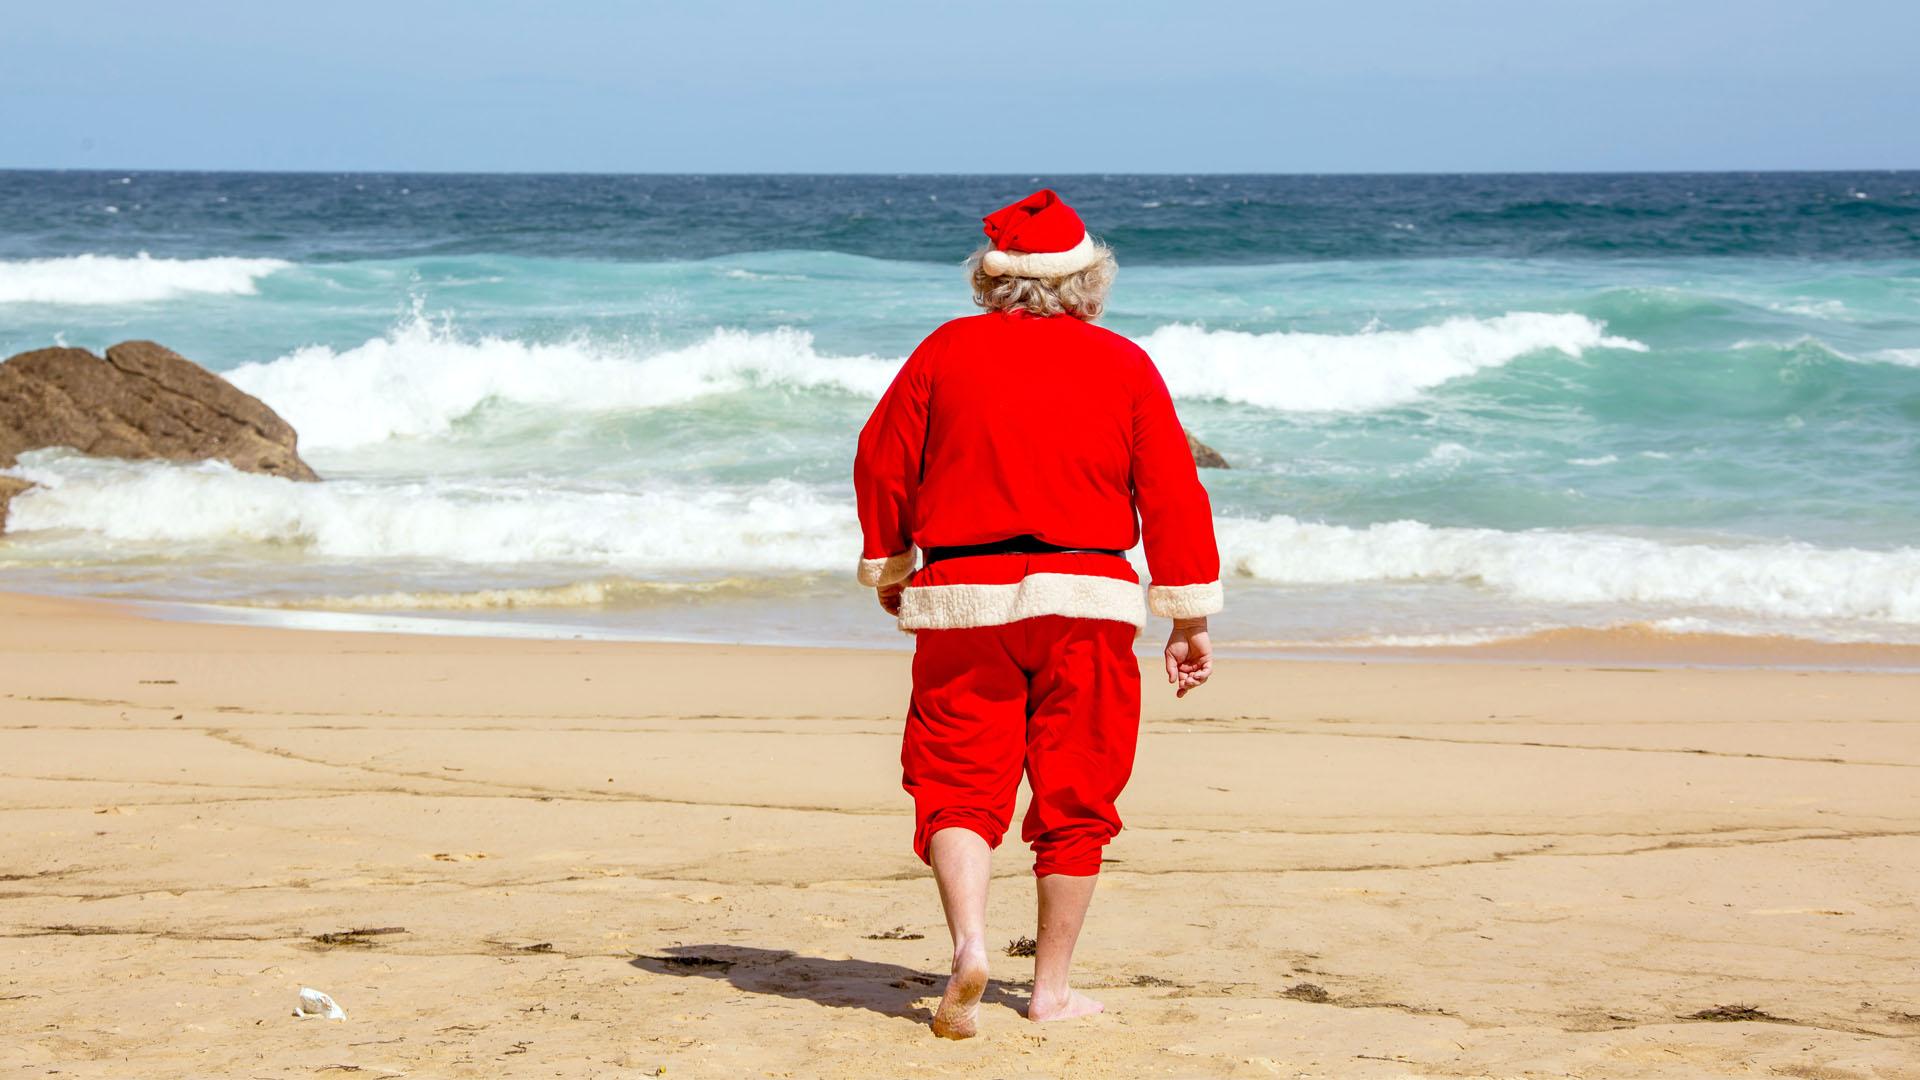 Regali di Natale alternativi e originali. Per chi cerca sempre di stupire.